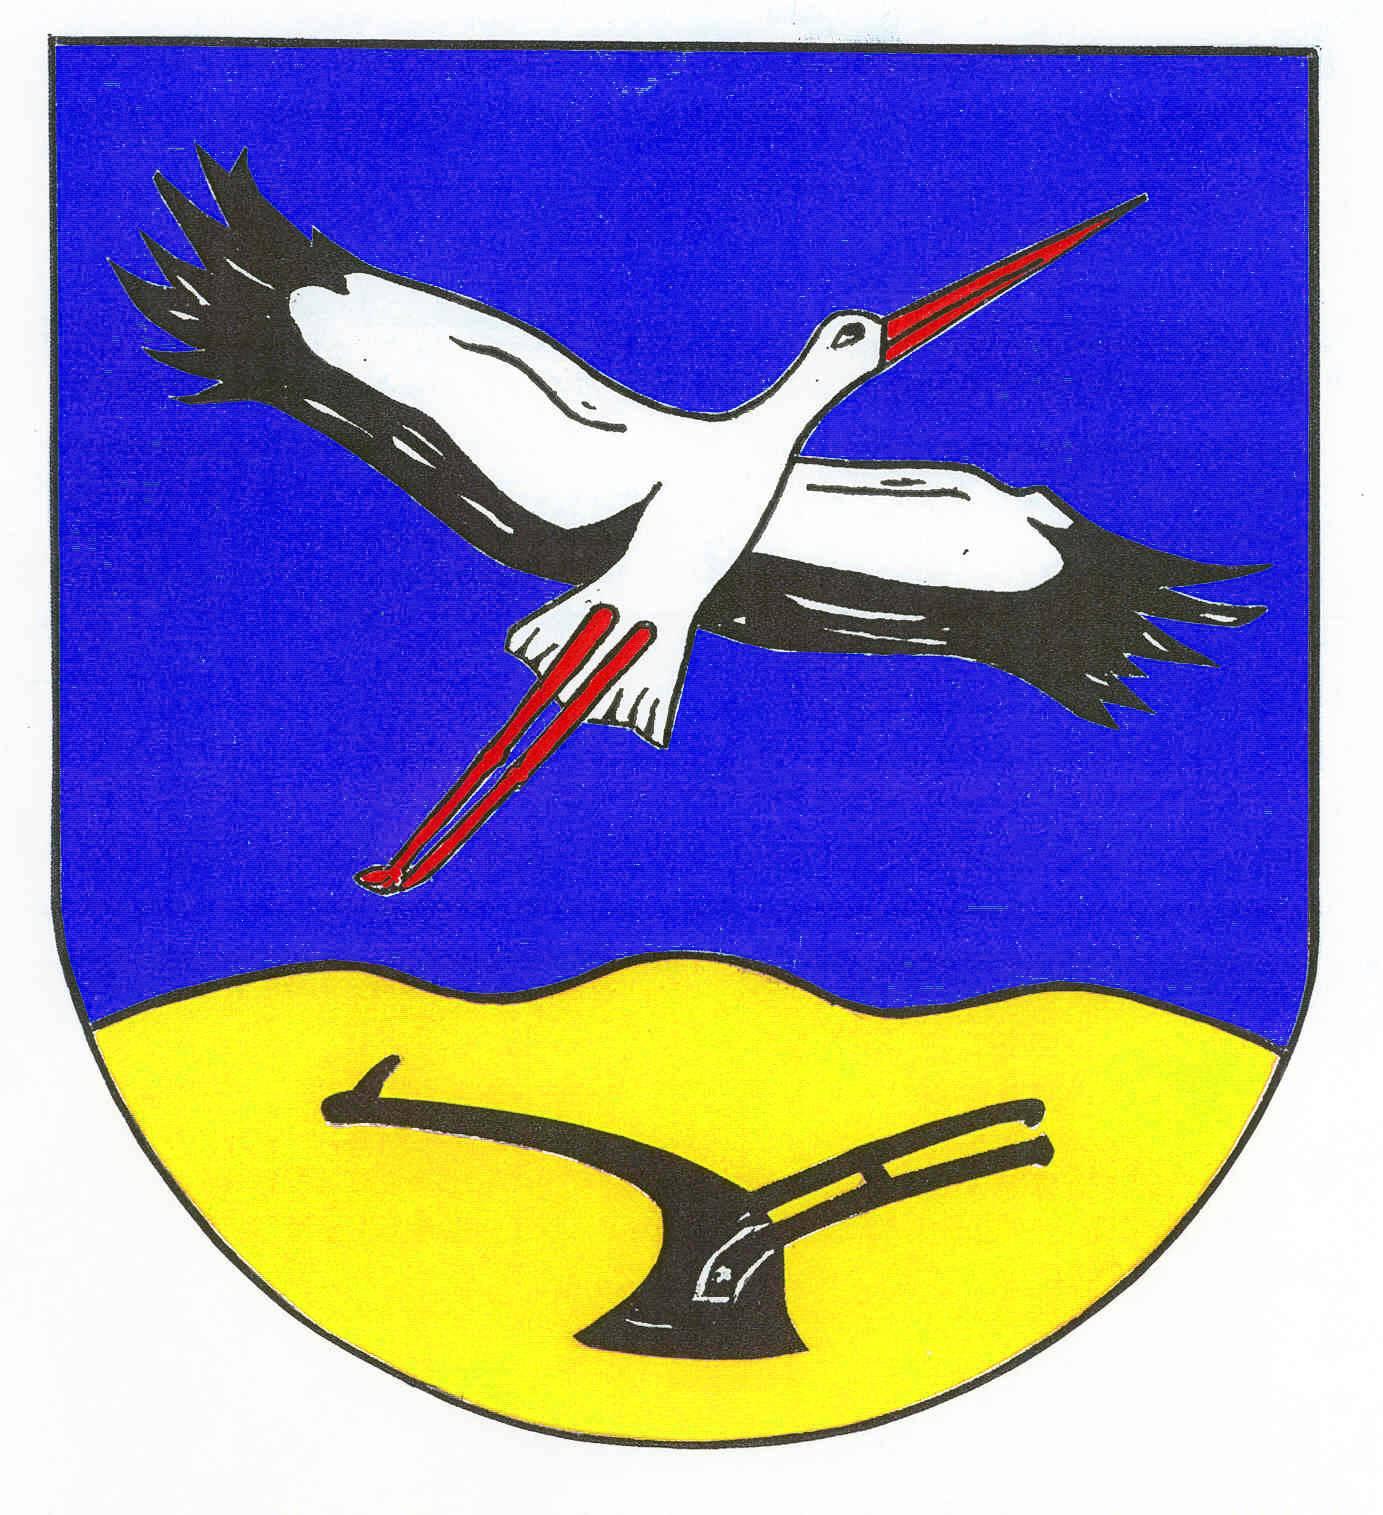 Wappen GemeindeLehmrade, Kreis Herzogtum Lauenburg